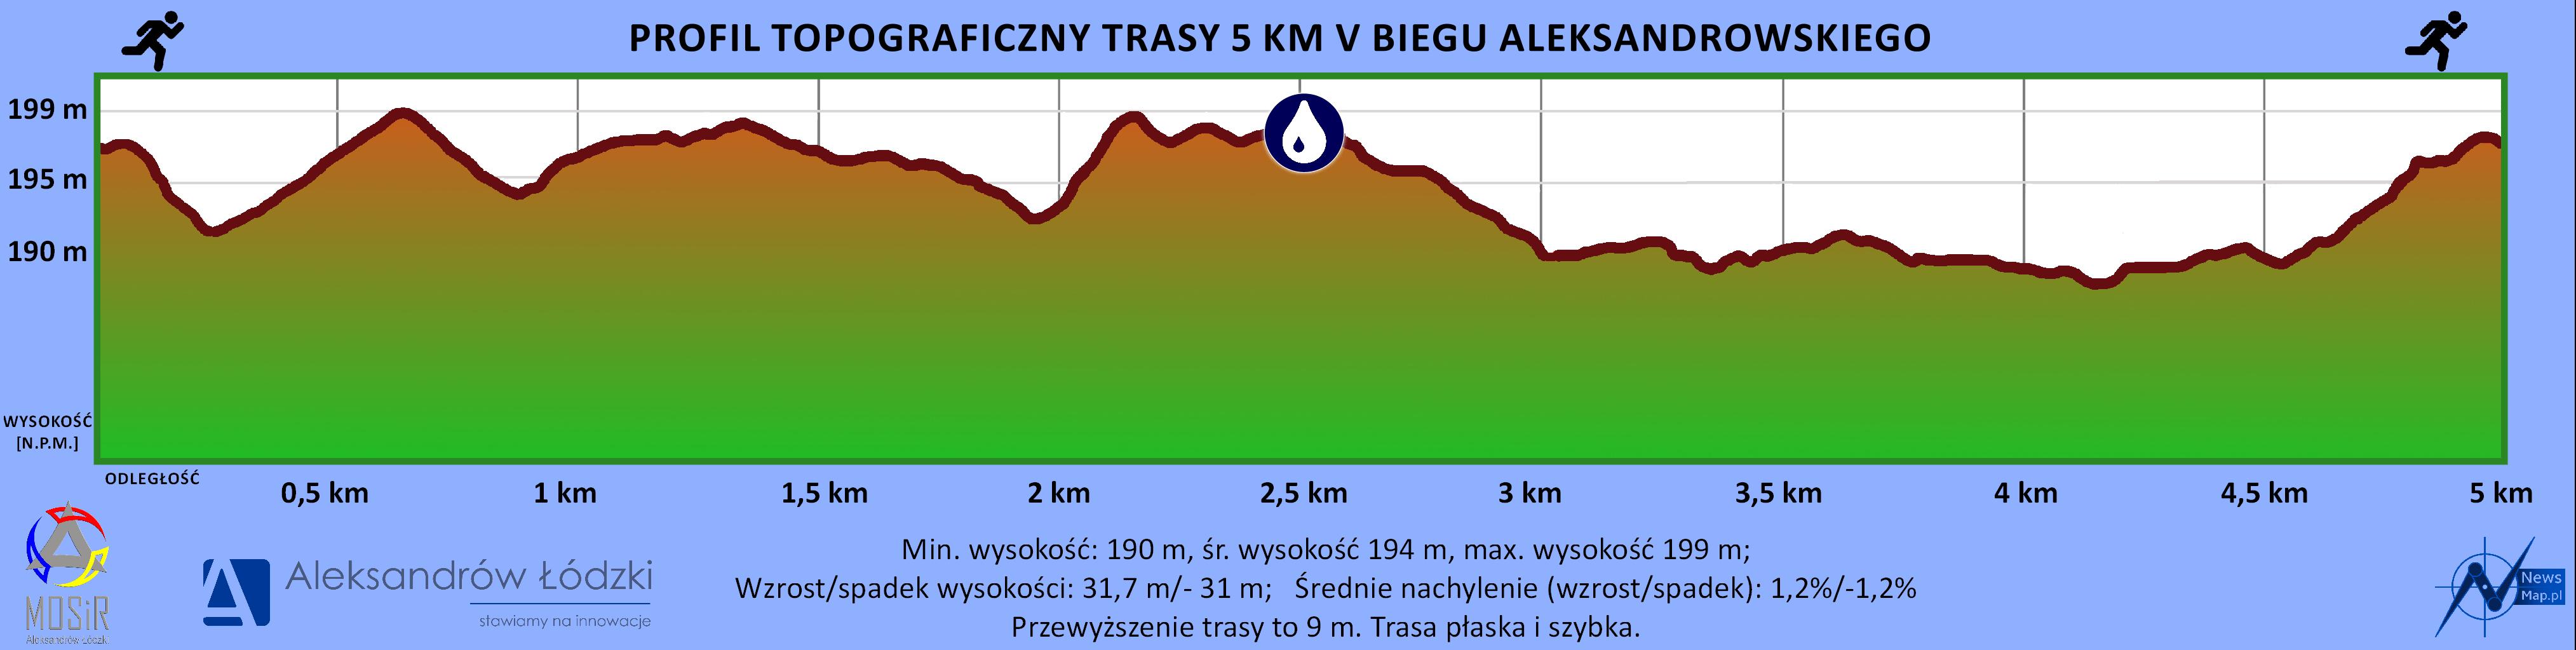 Profil topograficzny 5 km - Aleksandrów Ł.